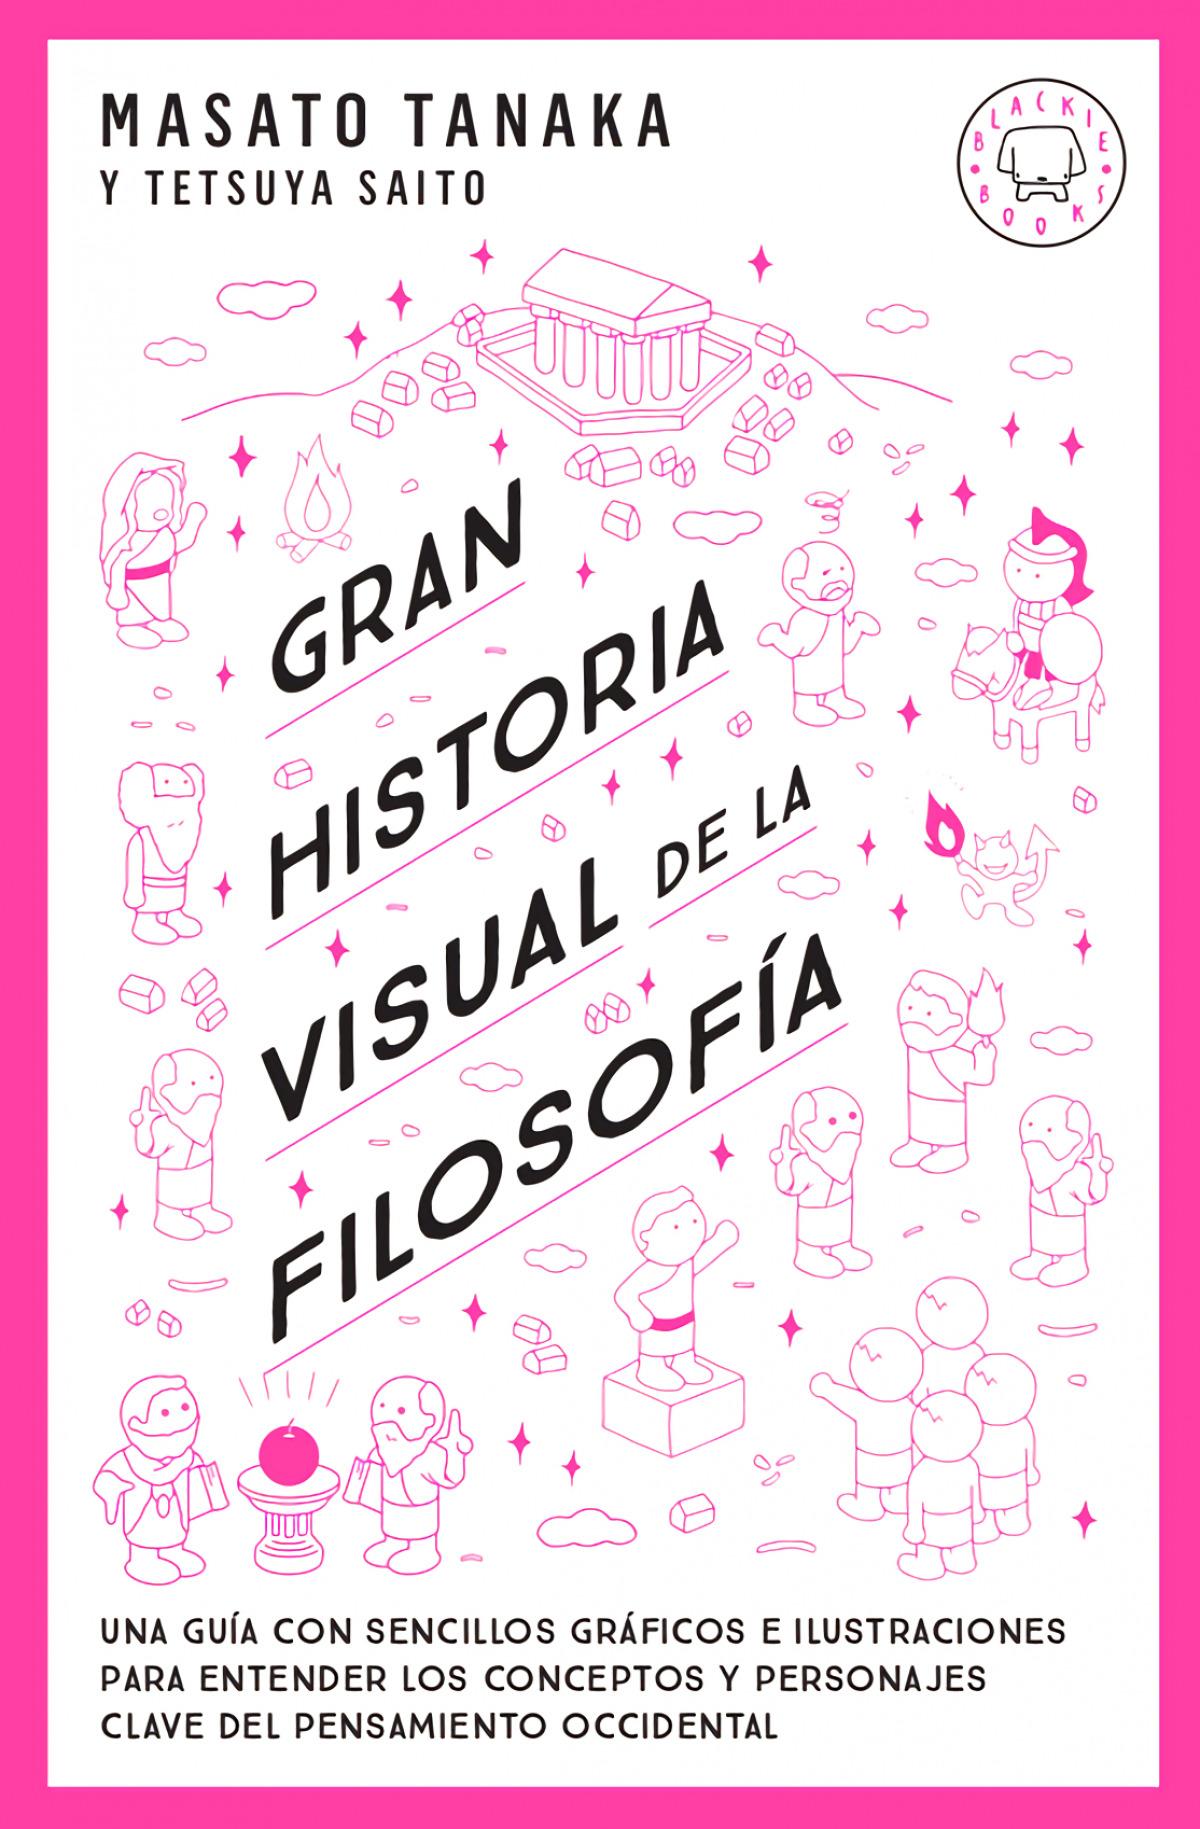 Gran historia visual de la filosof¡a 9788417552763